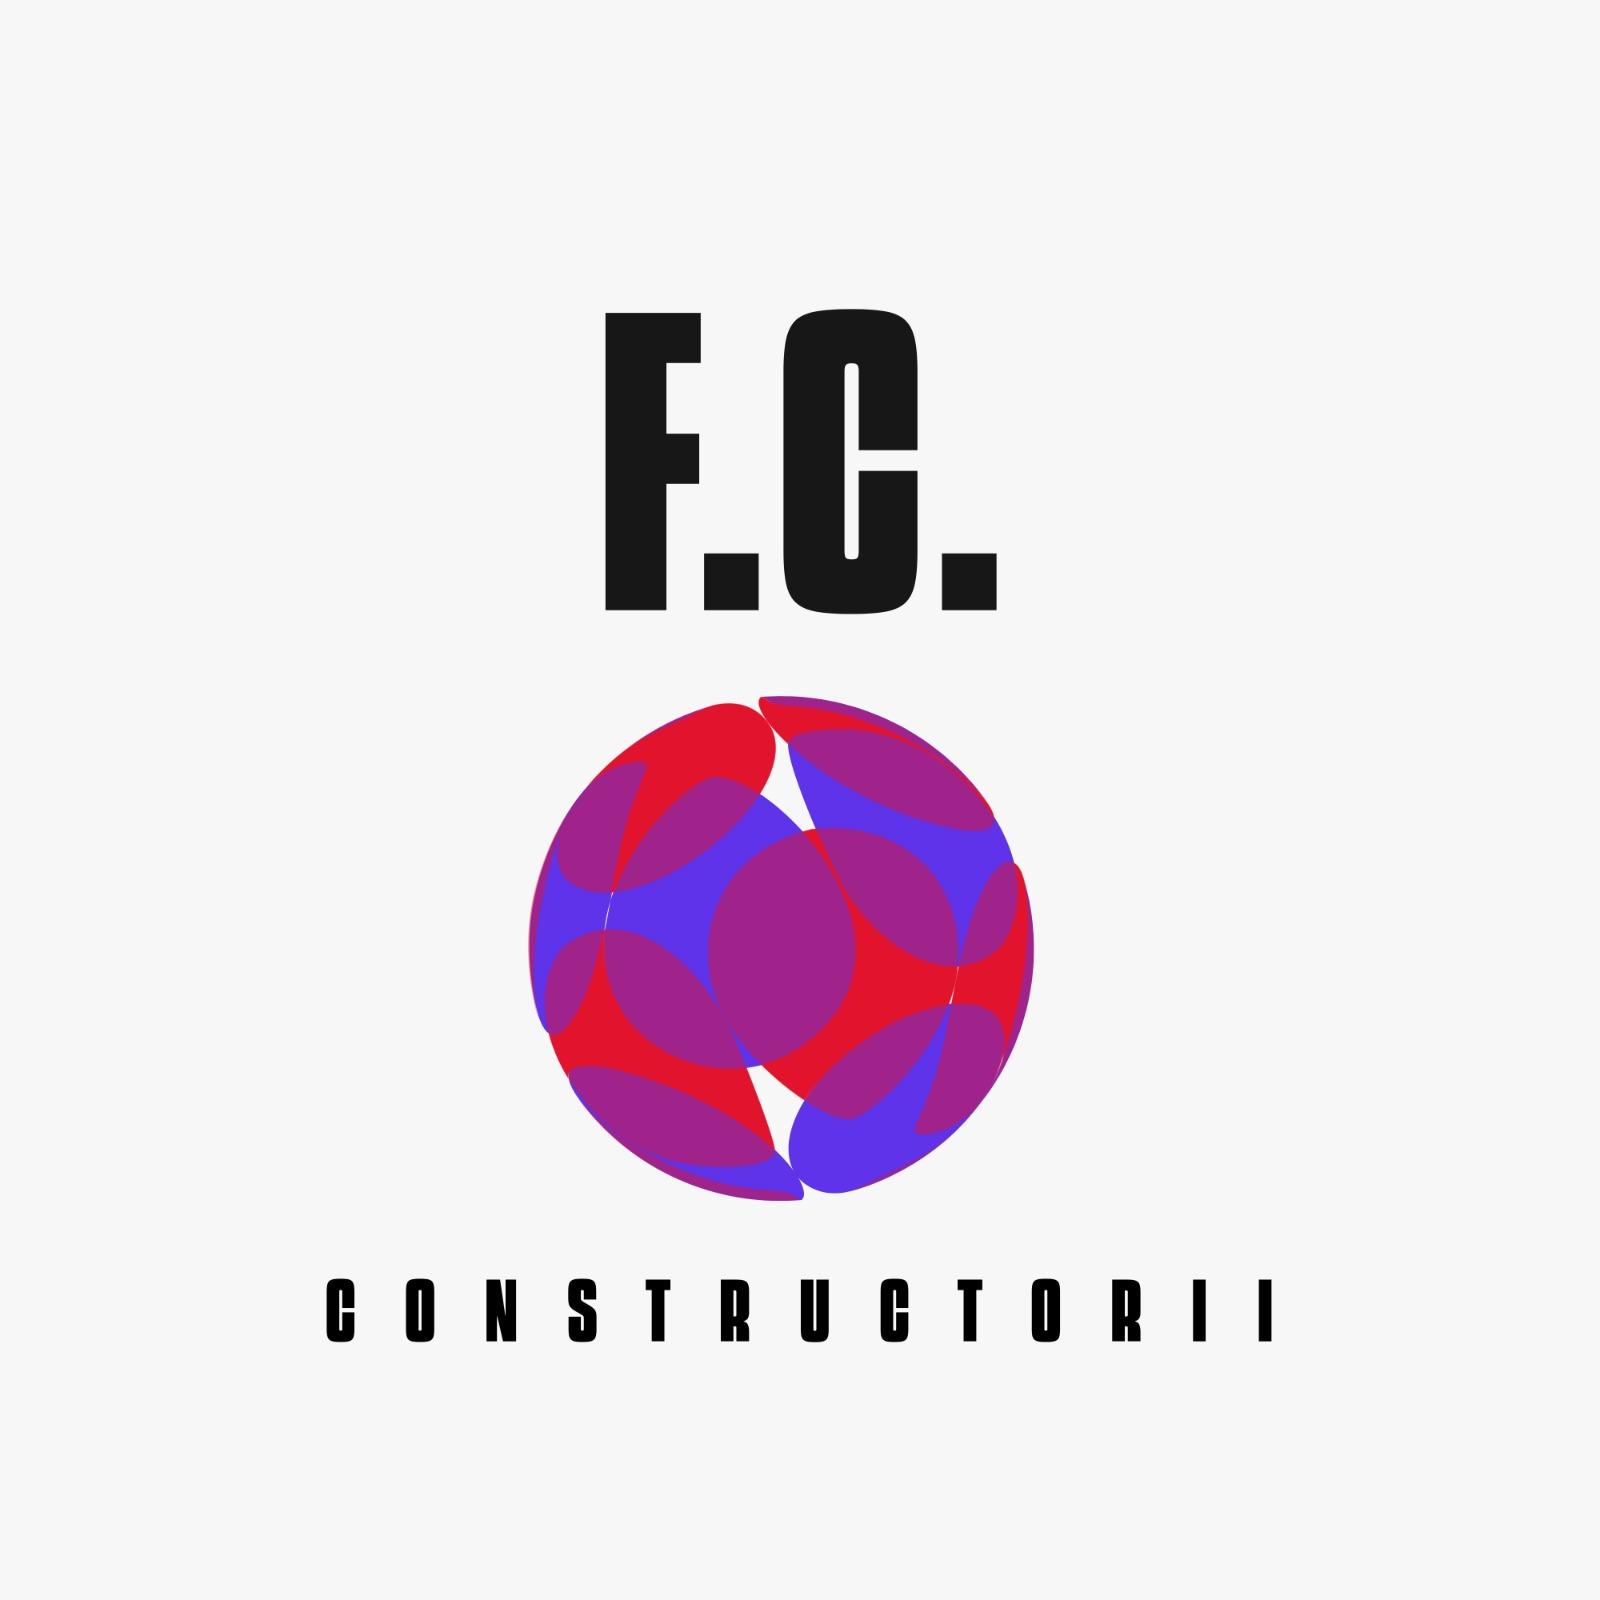 Constructorii